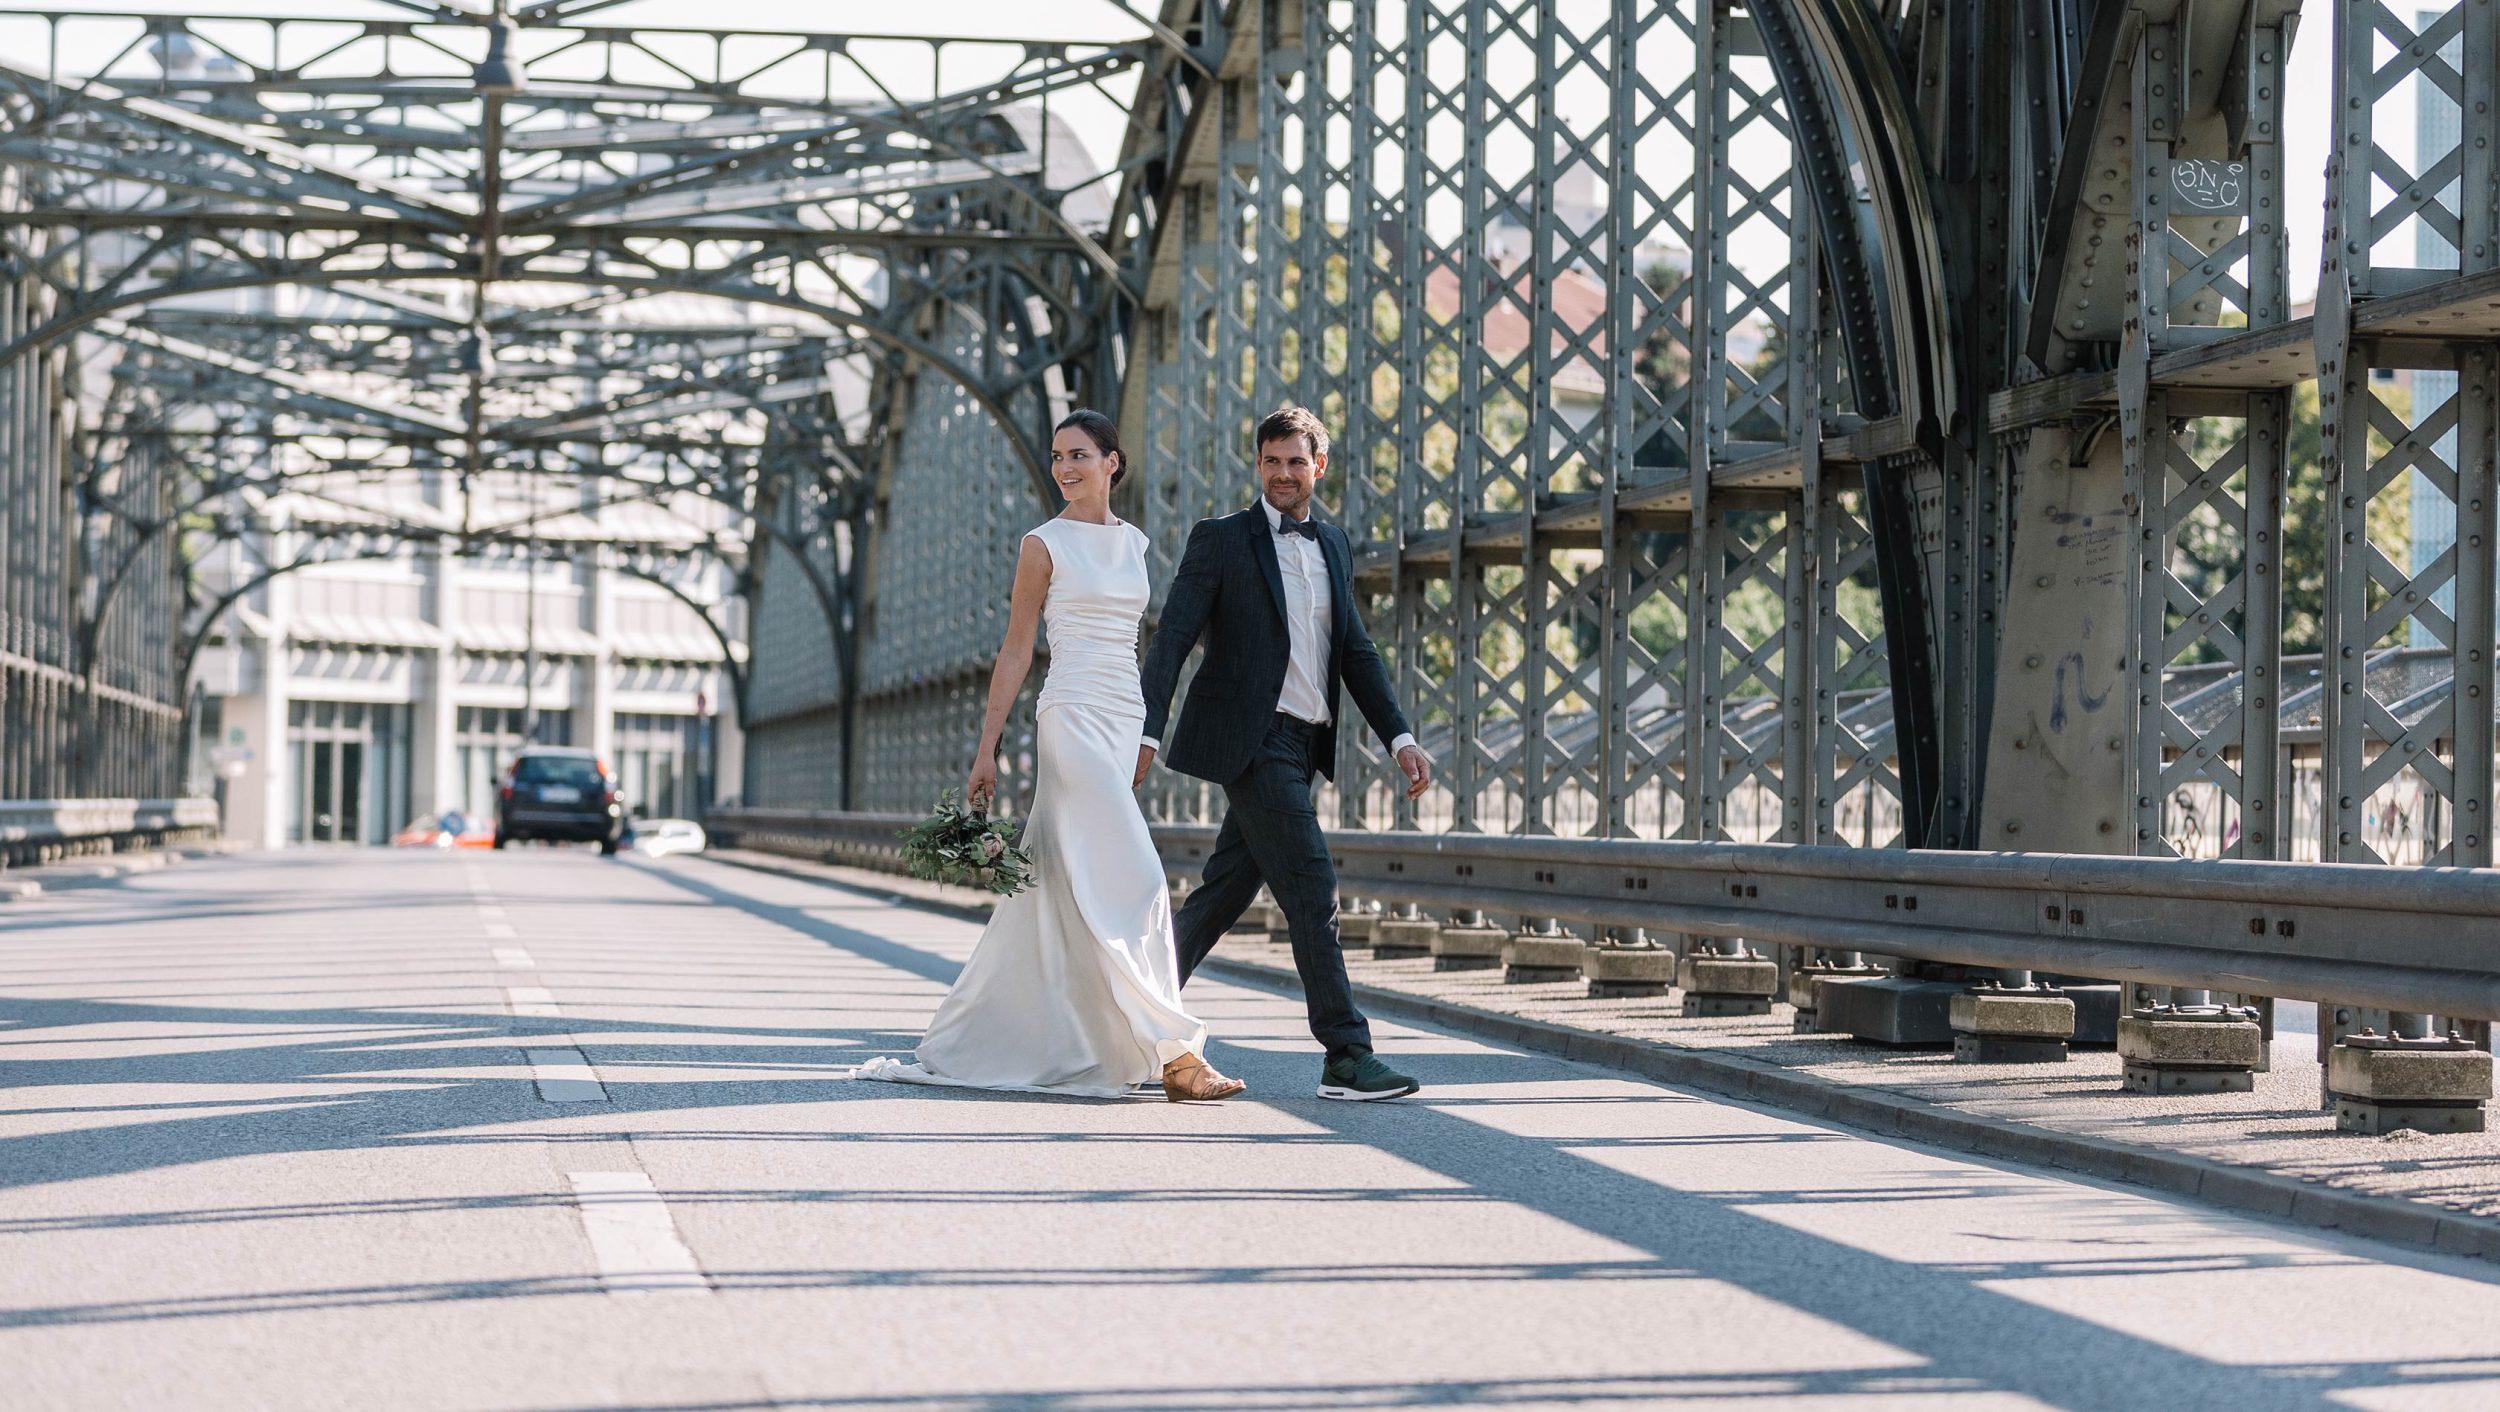 München Hochzeitskleid und Hochzeitsanzug